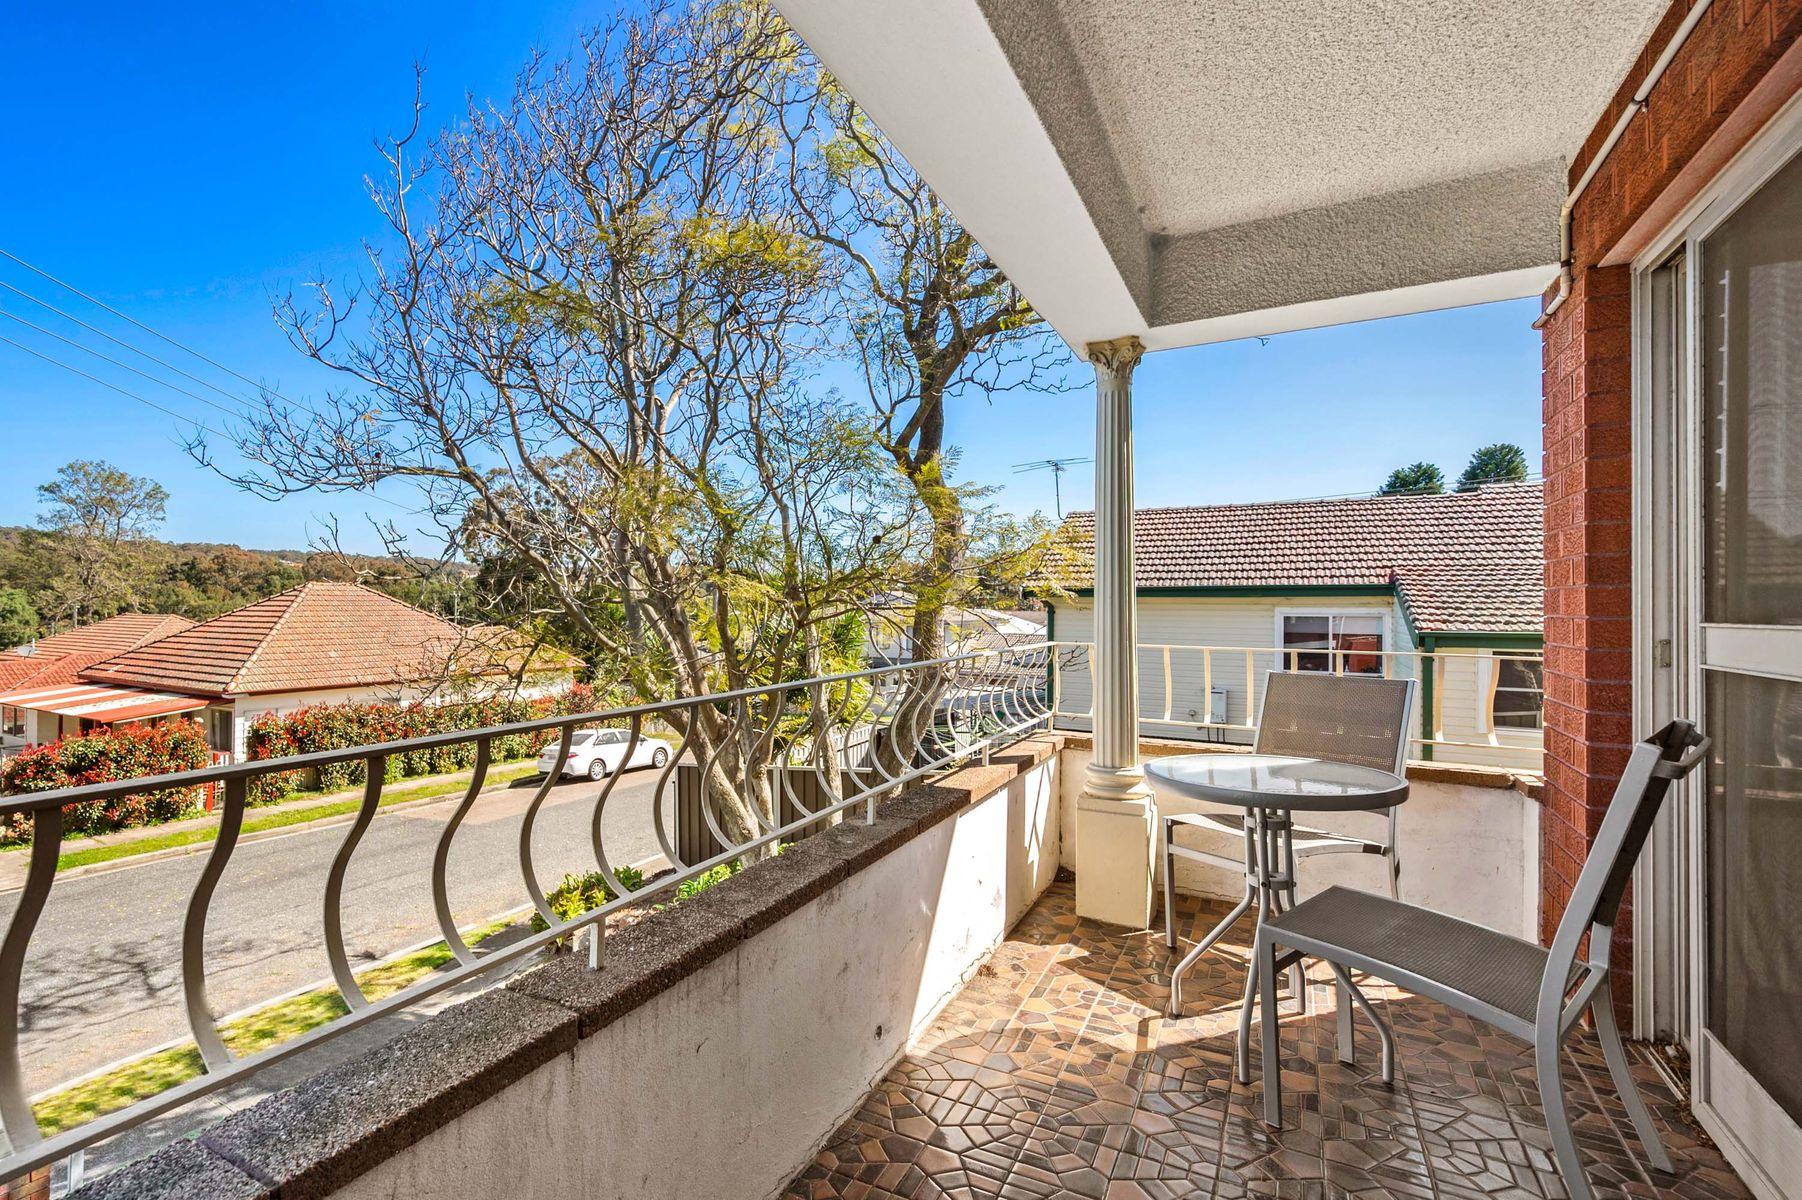 5/3 Shereline Avenue, Jesmond, NSW 2299